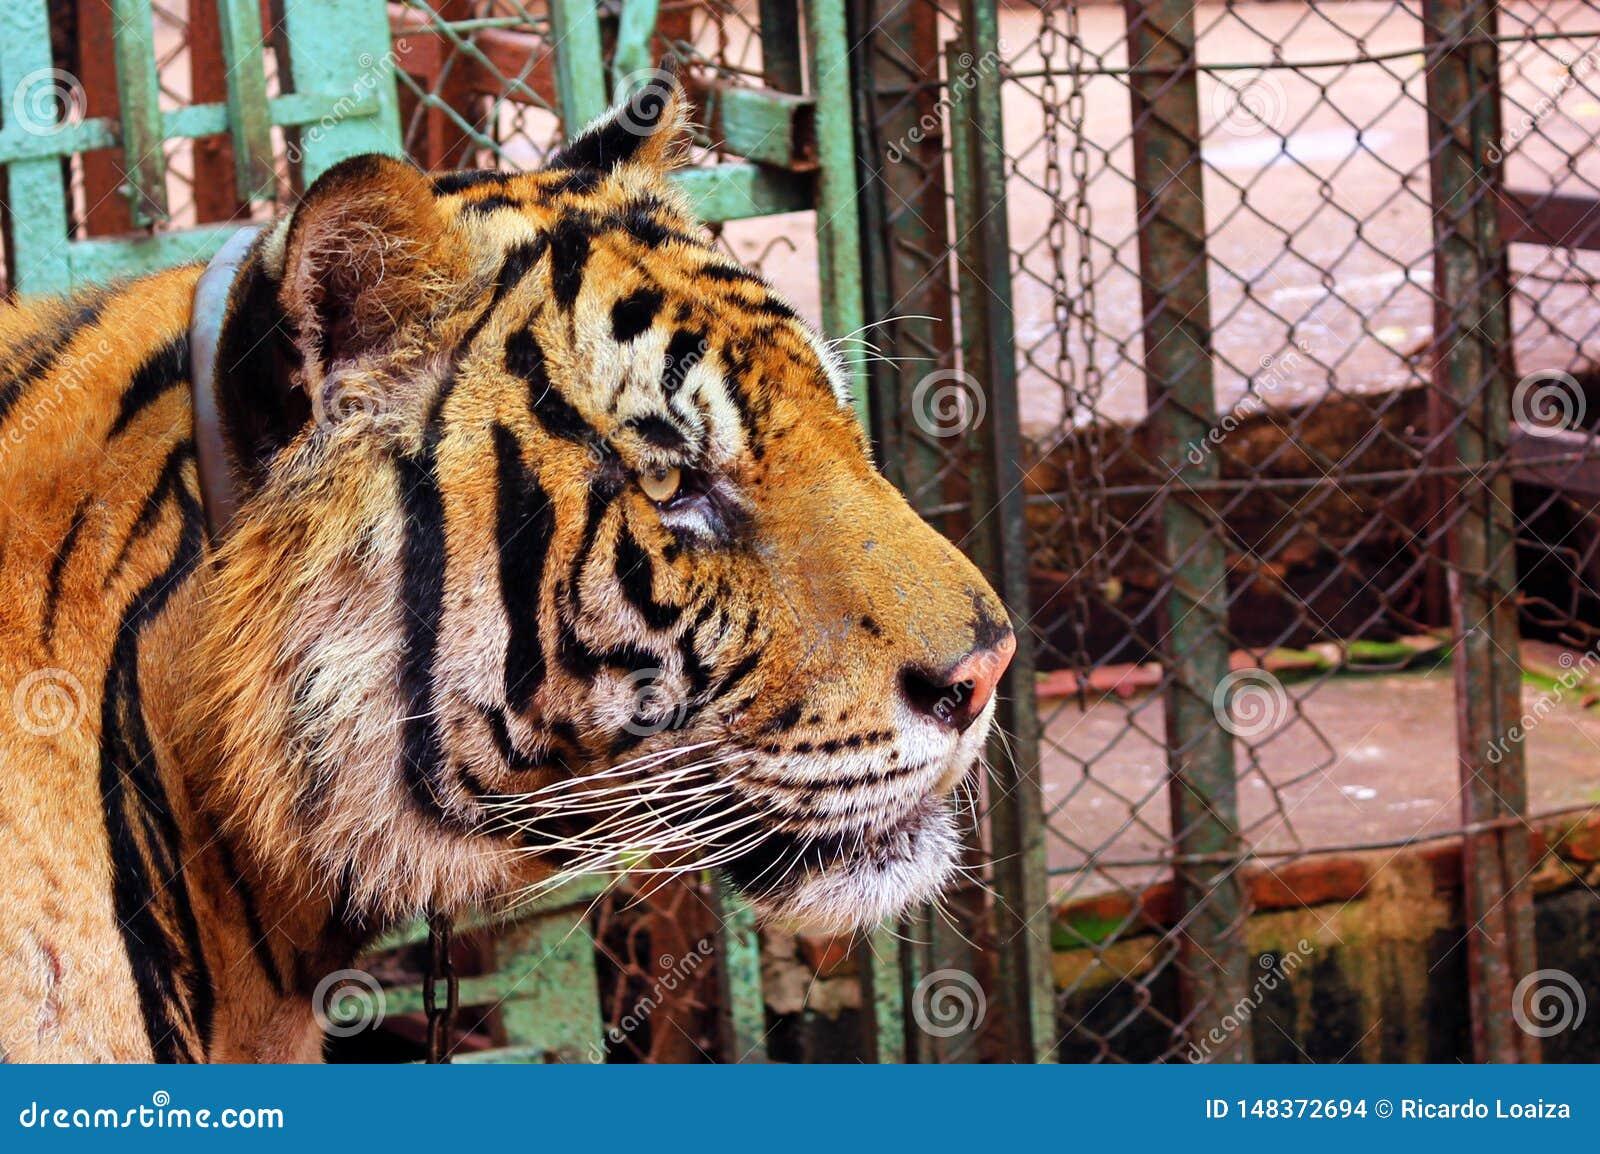 Cabeza grande del tigre en cautiverio